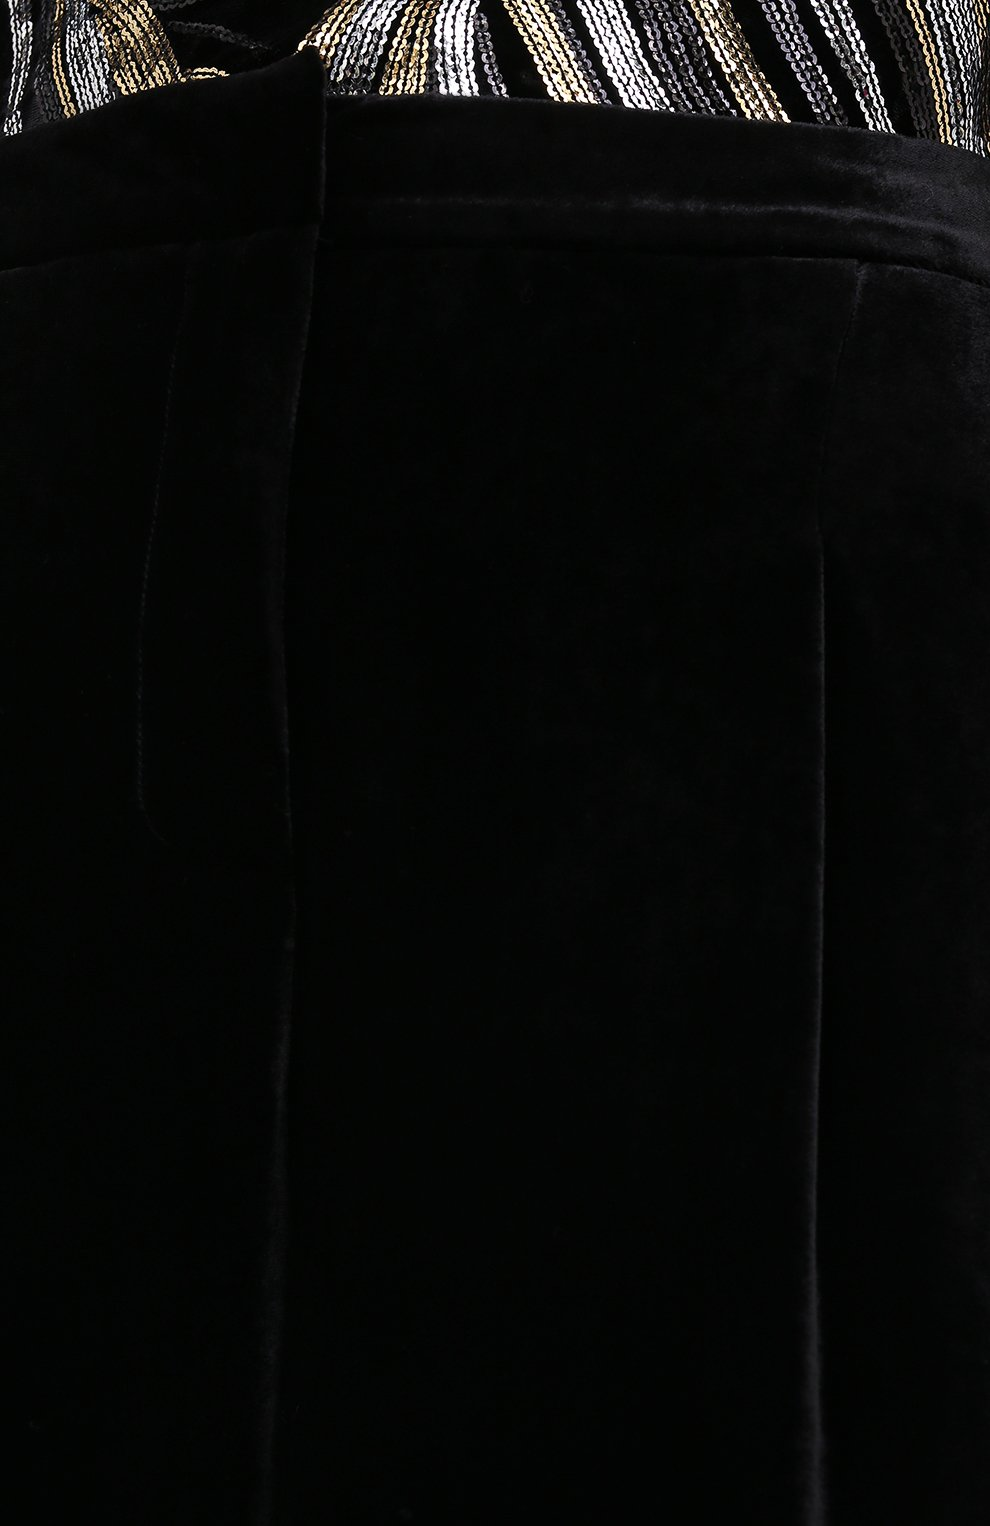 Женские брюки из вискозы и шелка ZUHAIR MURAD черного цвета, арт. TRP20340/VESB003   Фото 5 (Длина (брюки, джинсы): Удлиненные; Женское Кросс-КТ: Брюки-одежда; Силуэт Ж (брюки и джинсы): Прямые; Материал внешний: Вискоза; Стили: Романтичный)